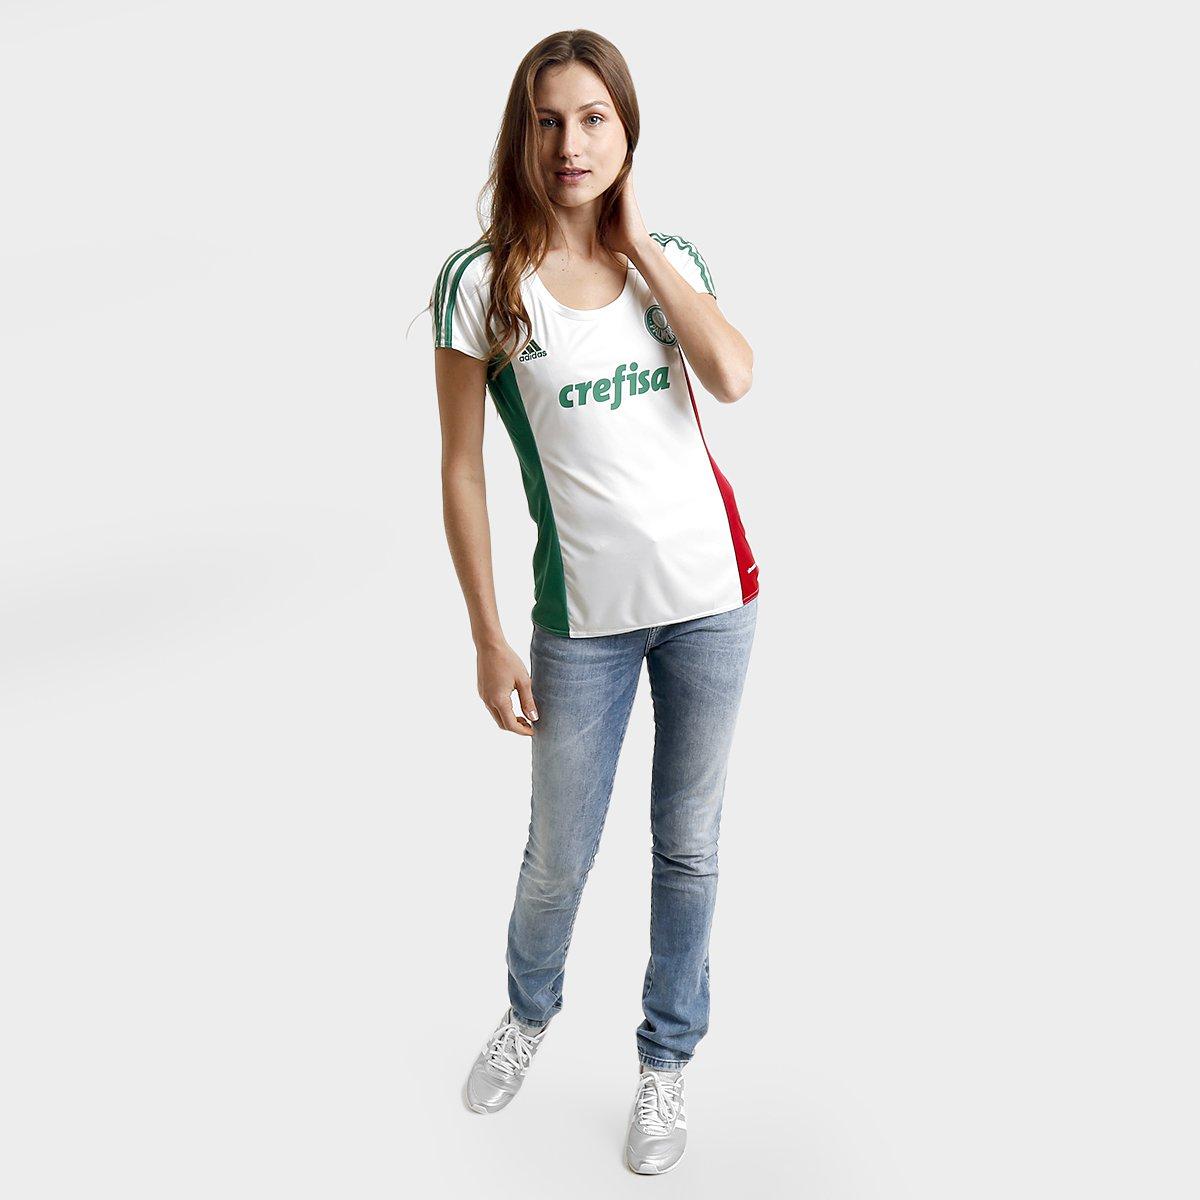 ac21ba8e8c Camisa Palmeiras II 15 16 s nº Torcedor Adidas Feminina - Compre ...